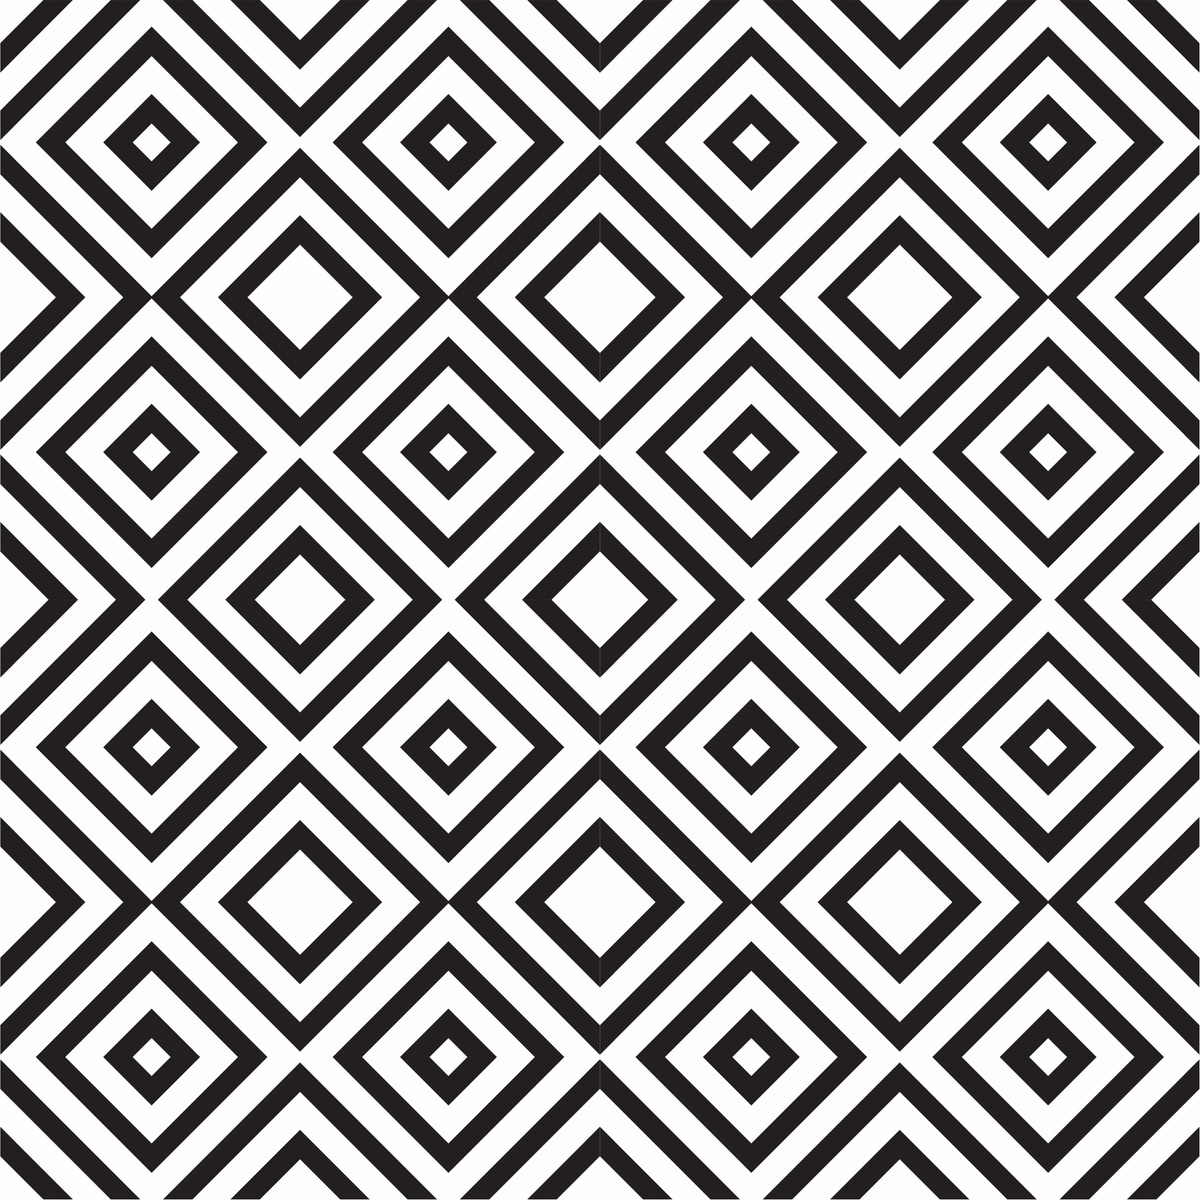 Adesivo papel de parede geom trico preto branco escolha - Papel de pared negro ...